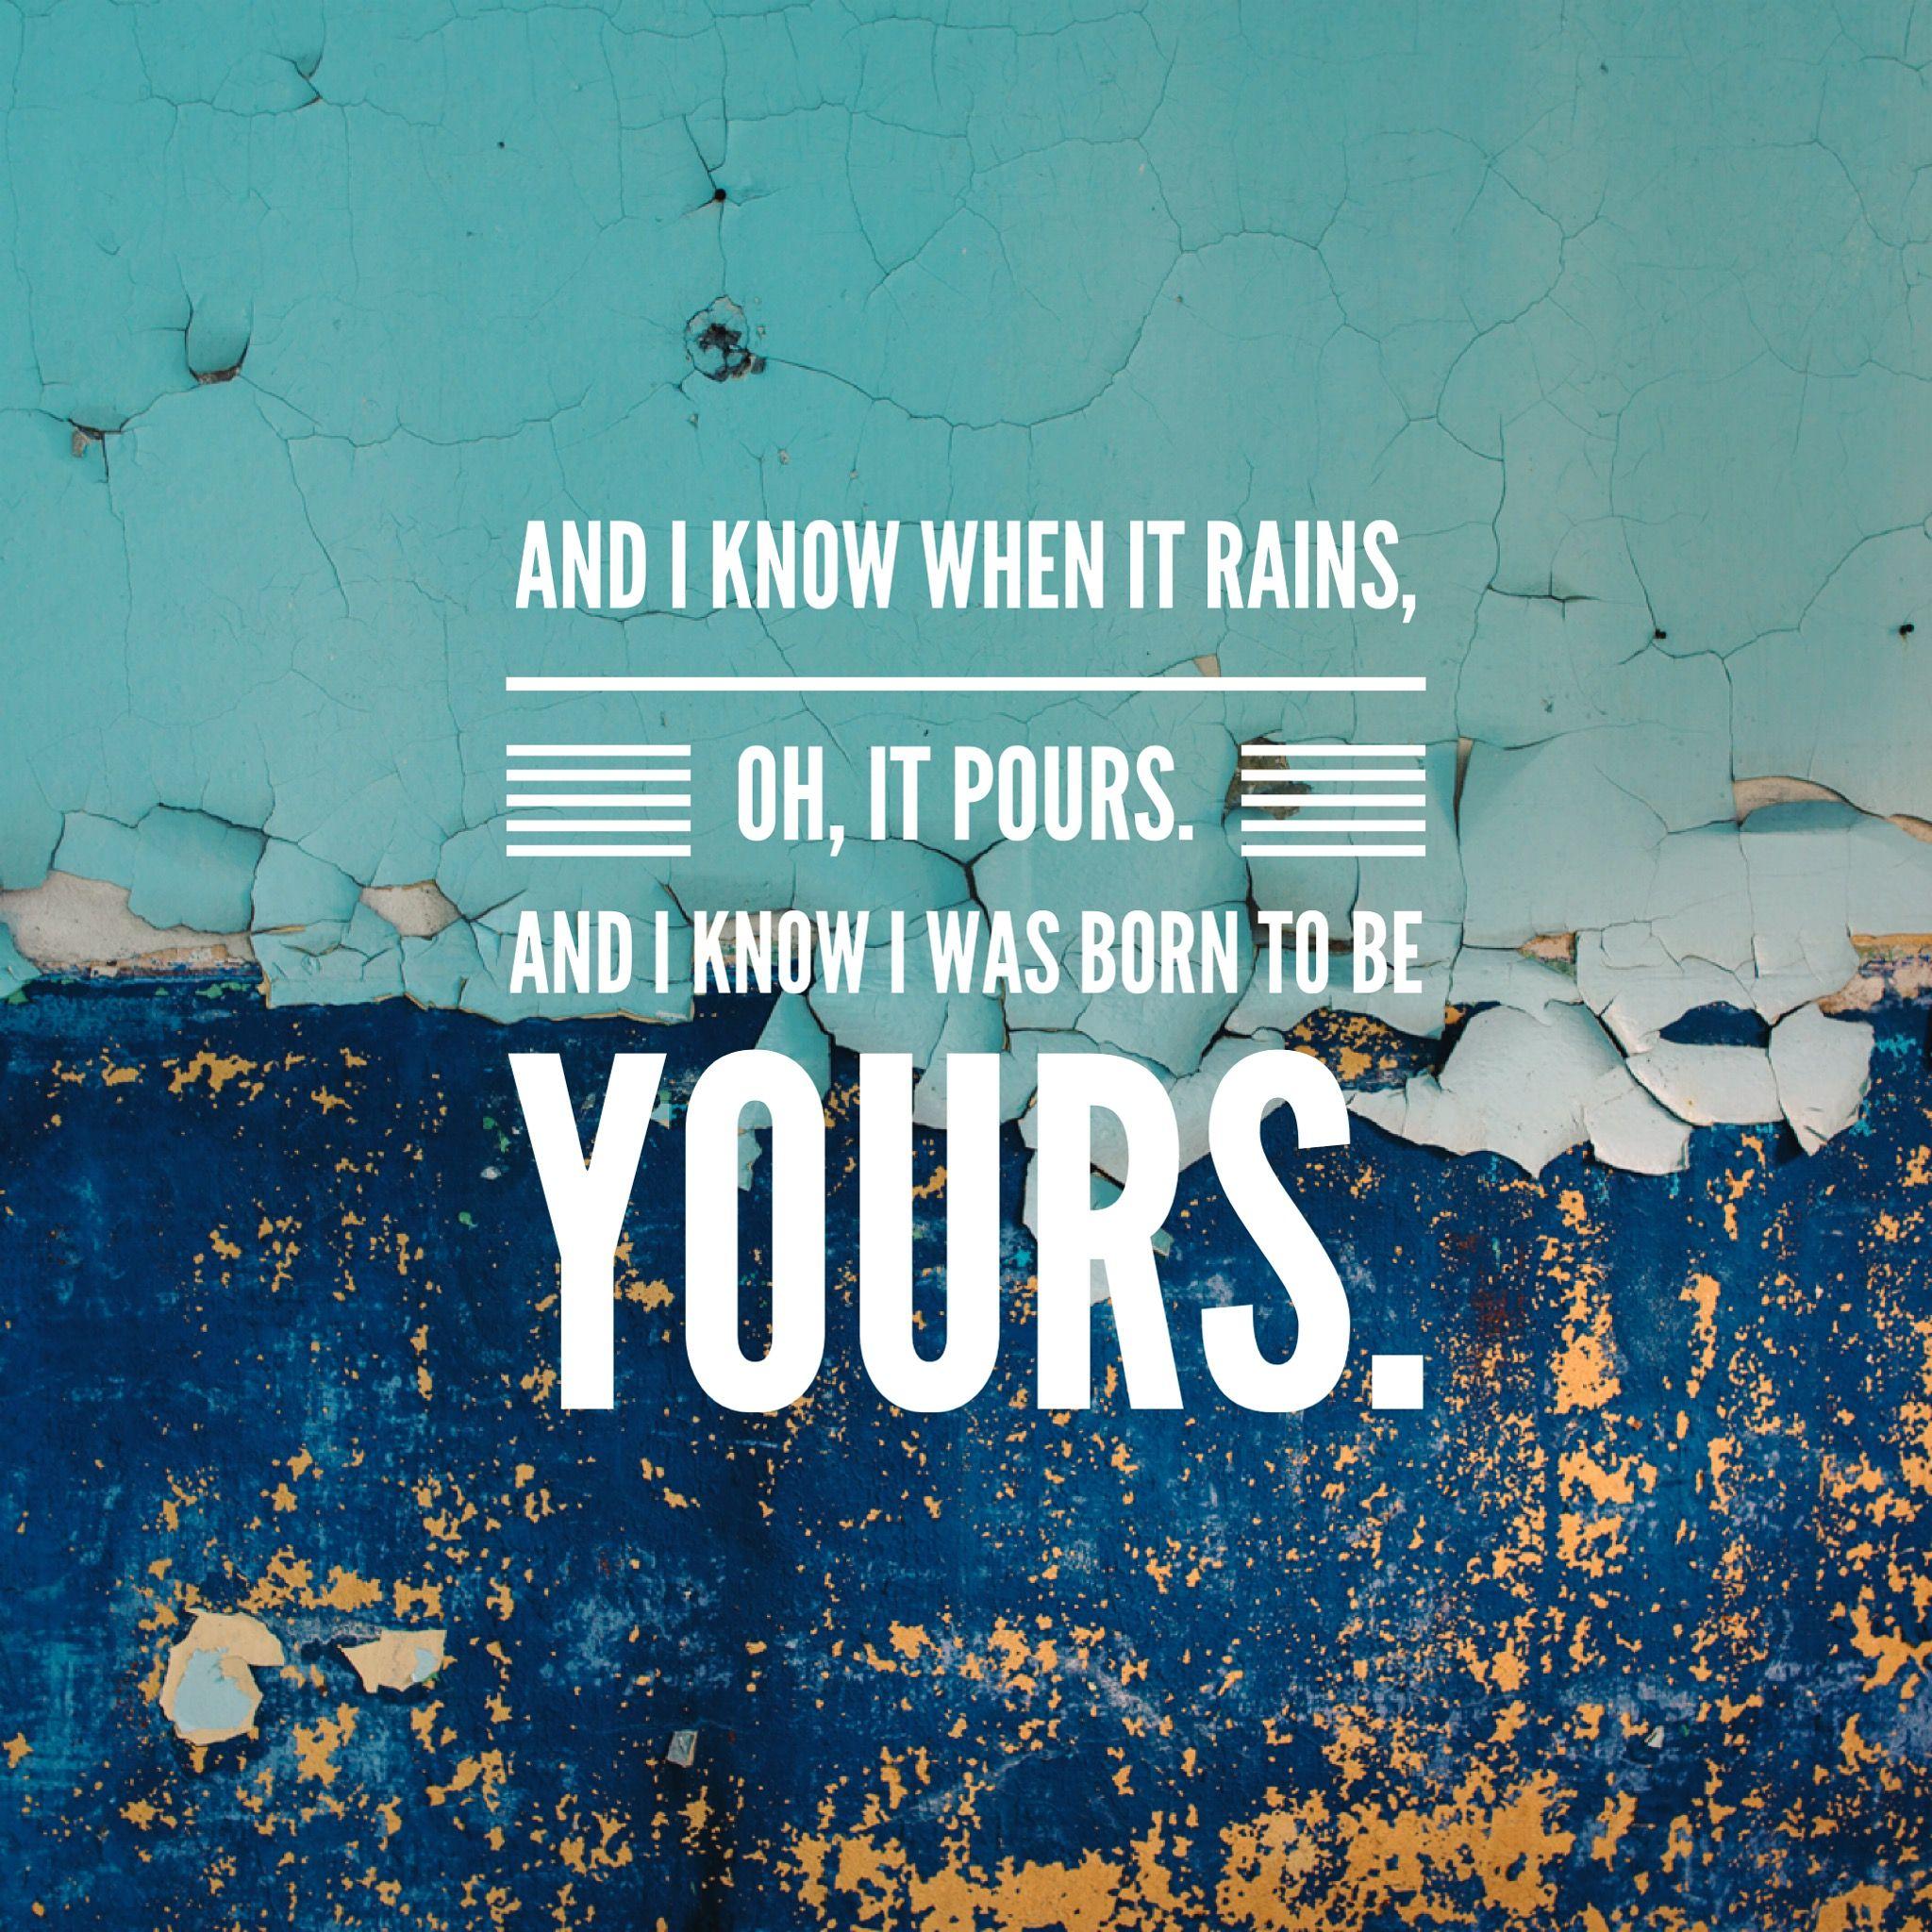 Born To Be Yours Kygo And Imagine Dragons Letras De Canciones Fotos De Musica Electronica Kygo Wallpaper